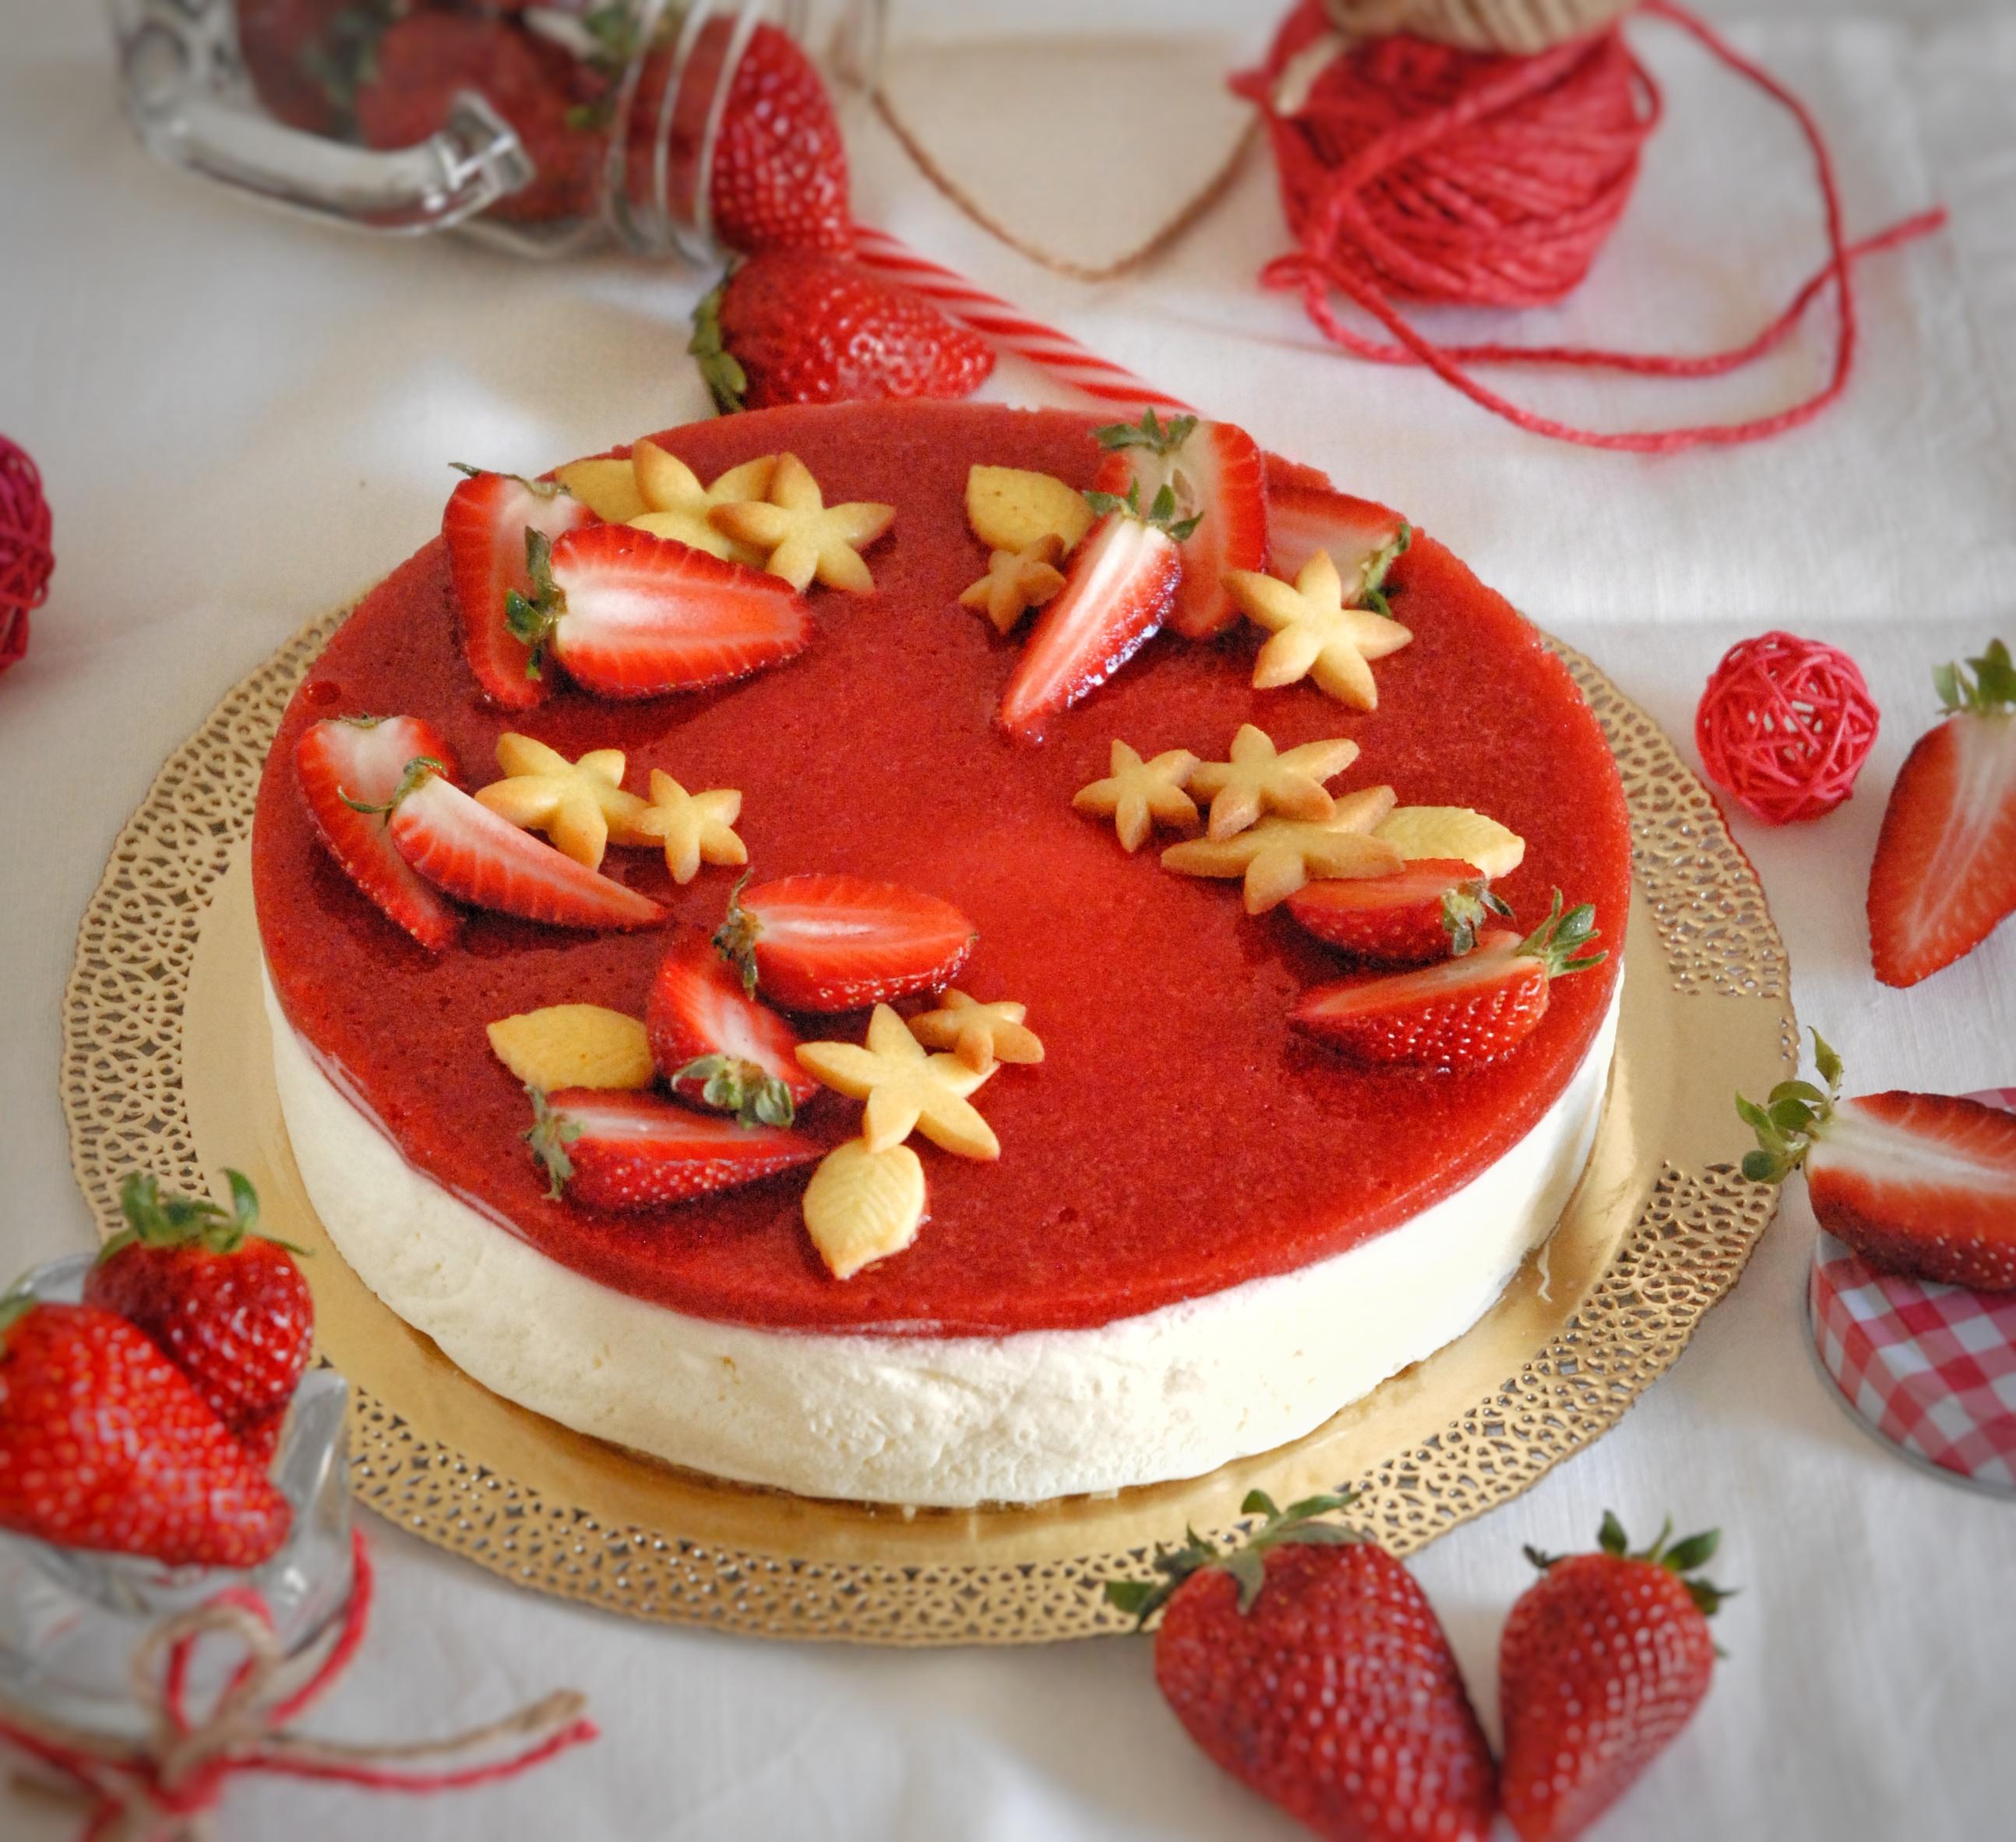 Cheesecake fredda alle fragole fresche